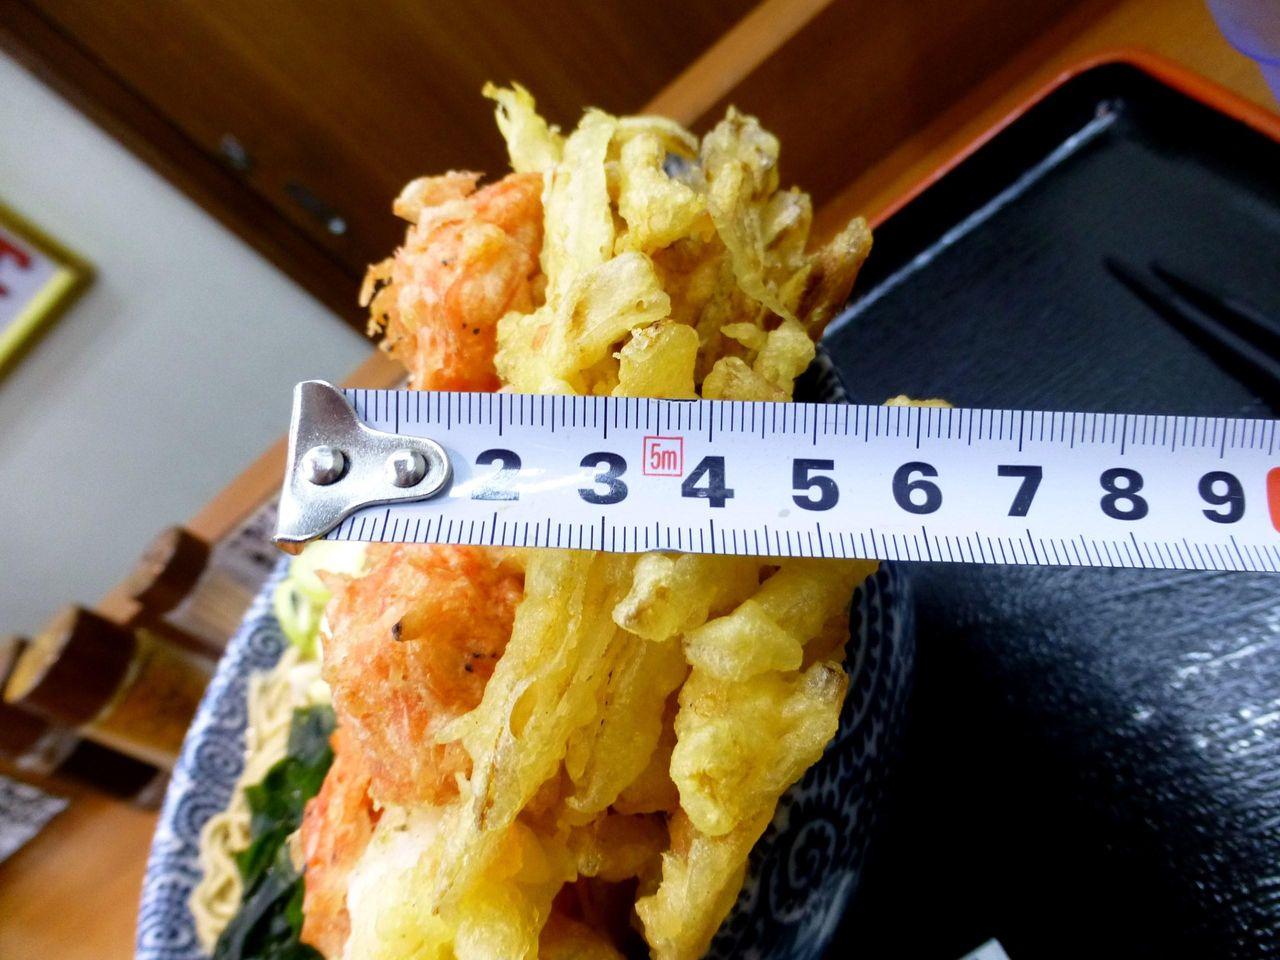 超特大かき揚げの厚さは、なんと7センチ!